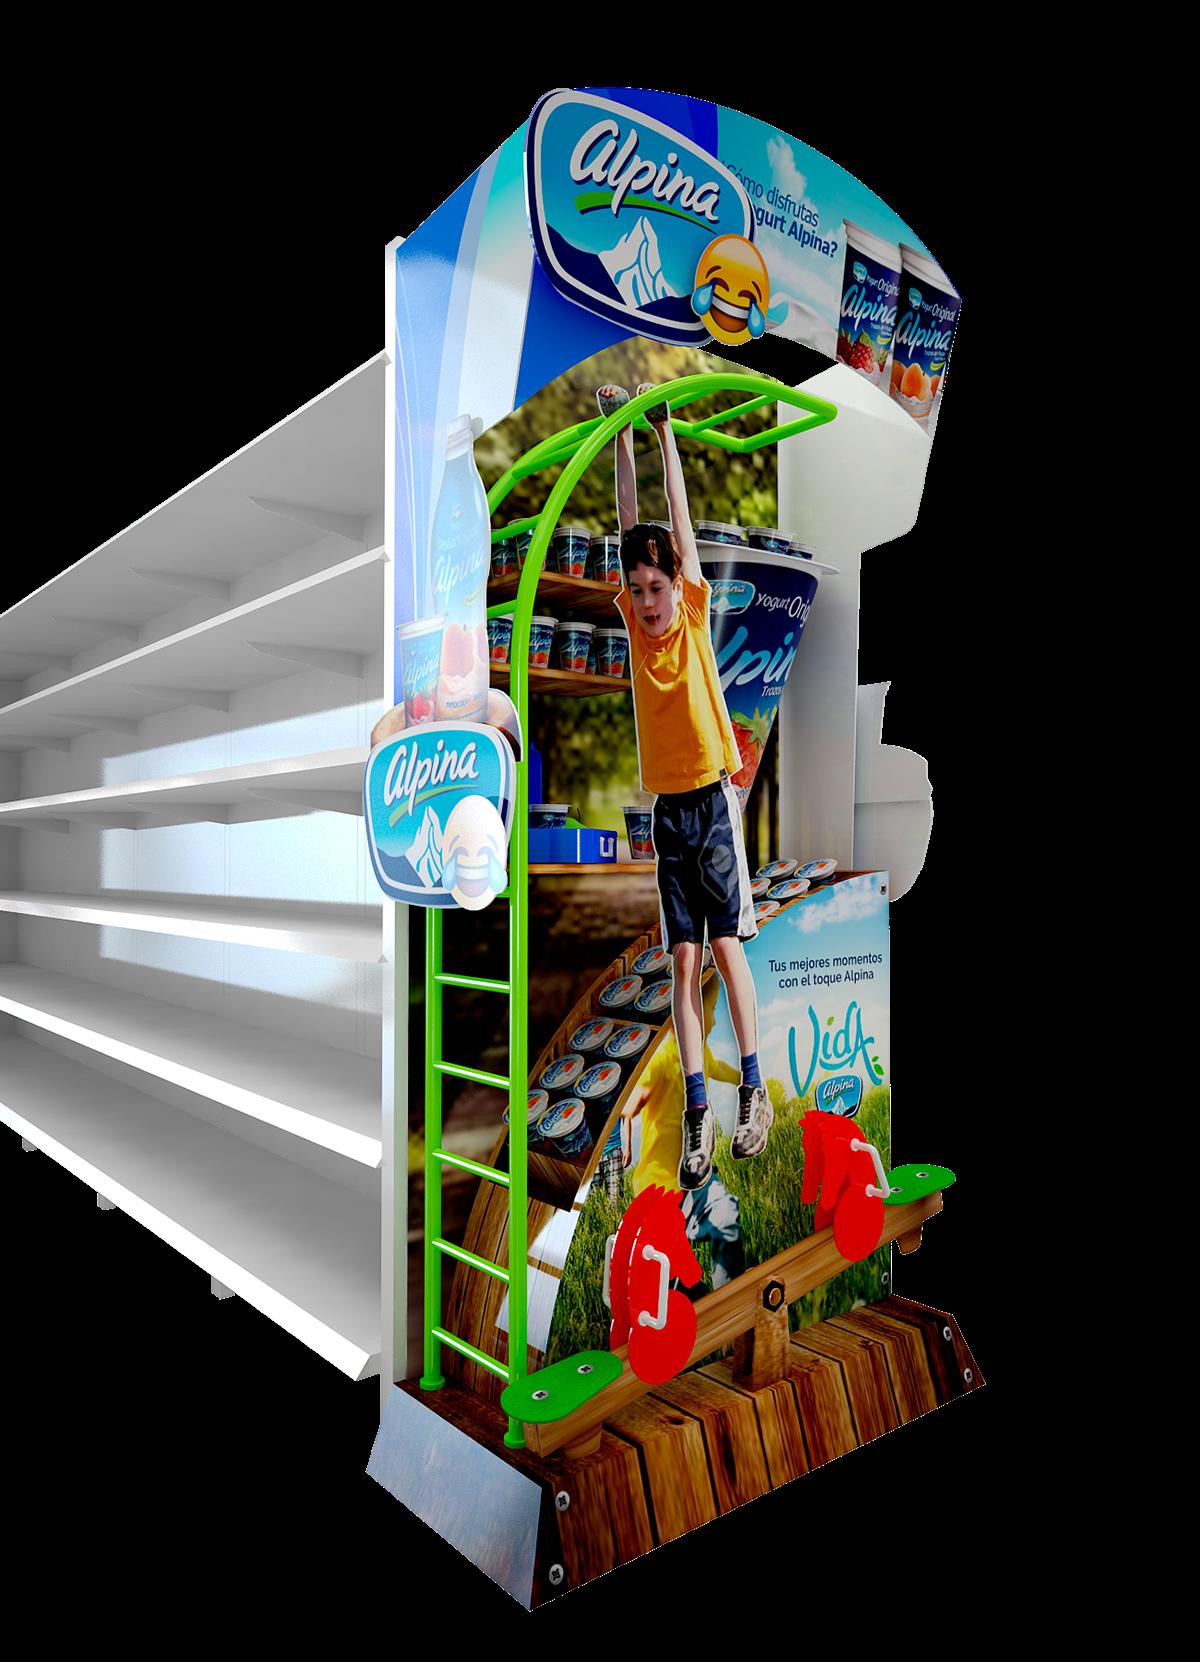 Dise o de material publicitario en puntos de venta plv for Diseno publicitario